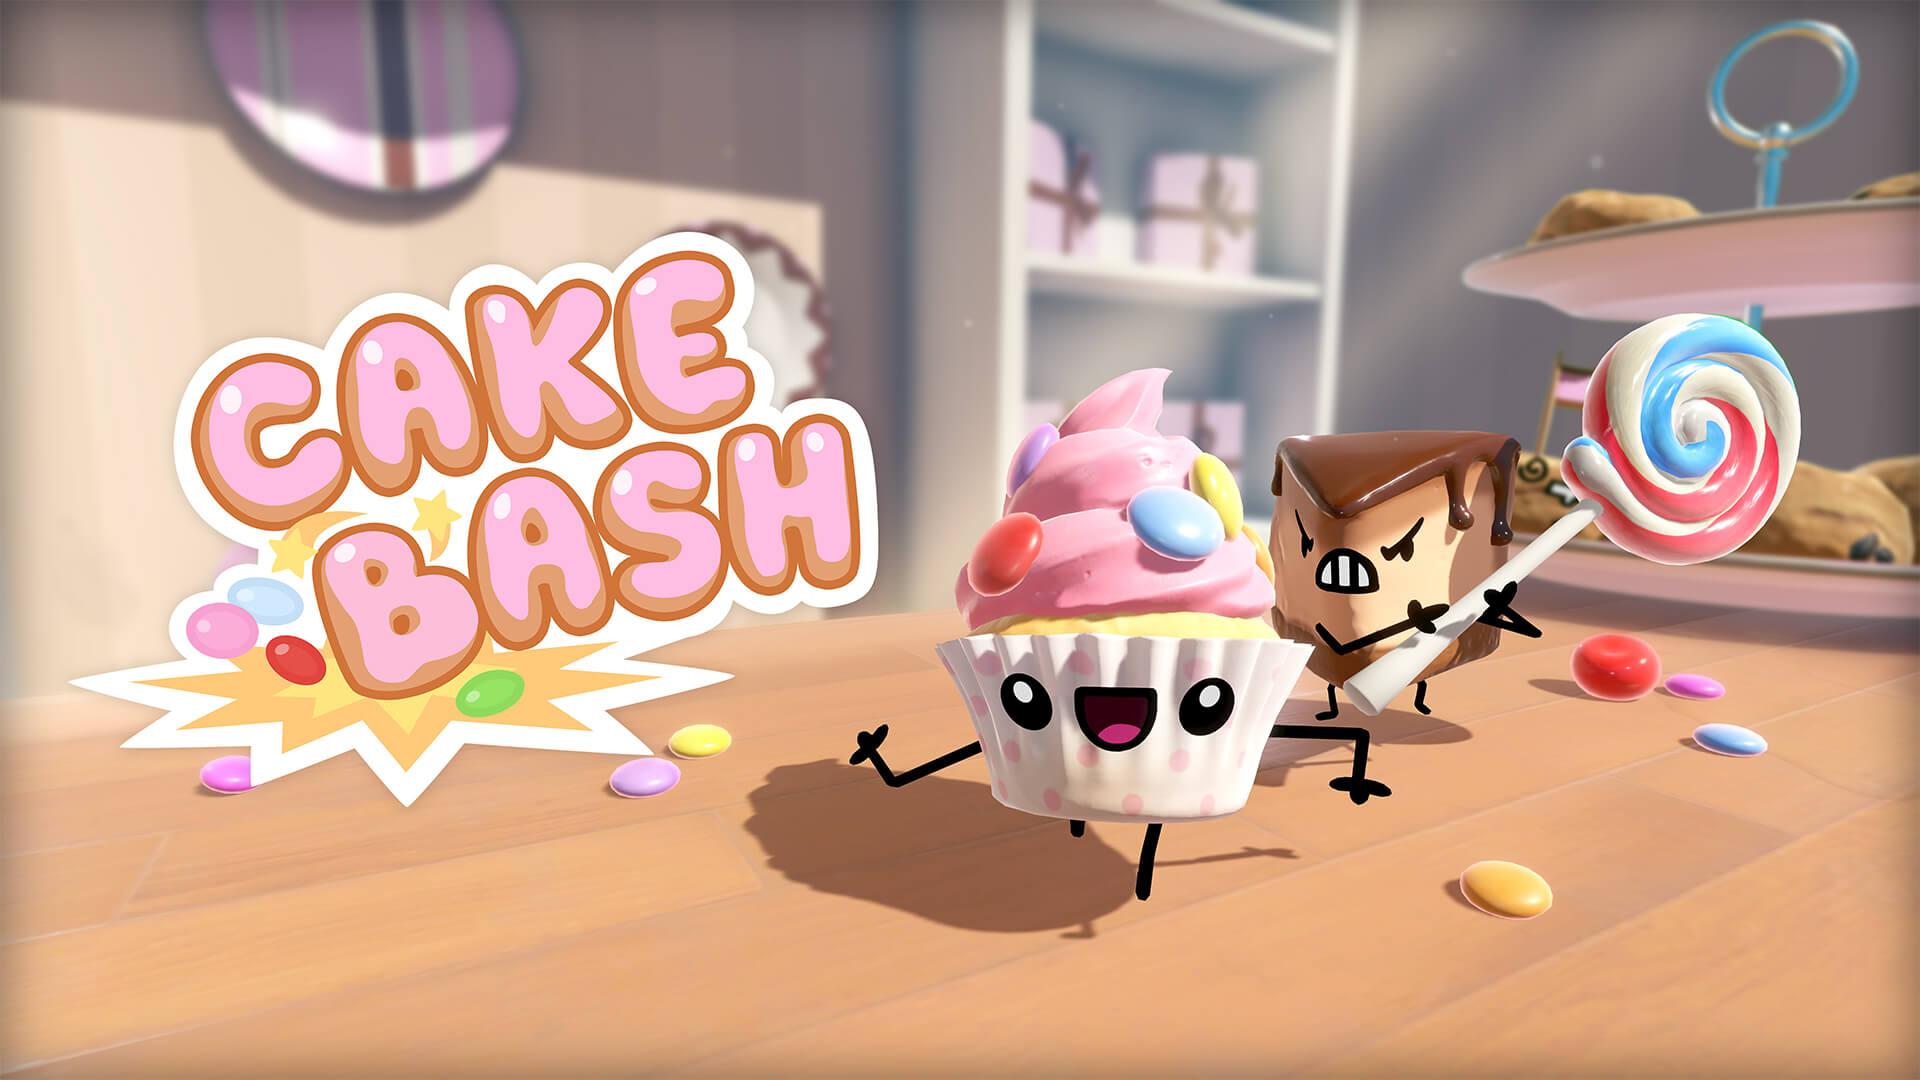 Cake Bash Free PC Download